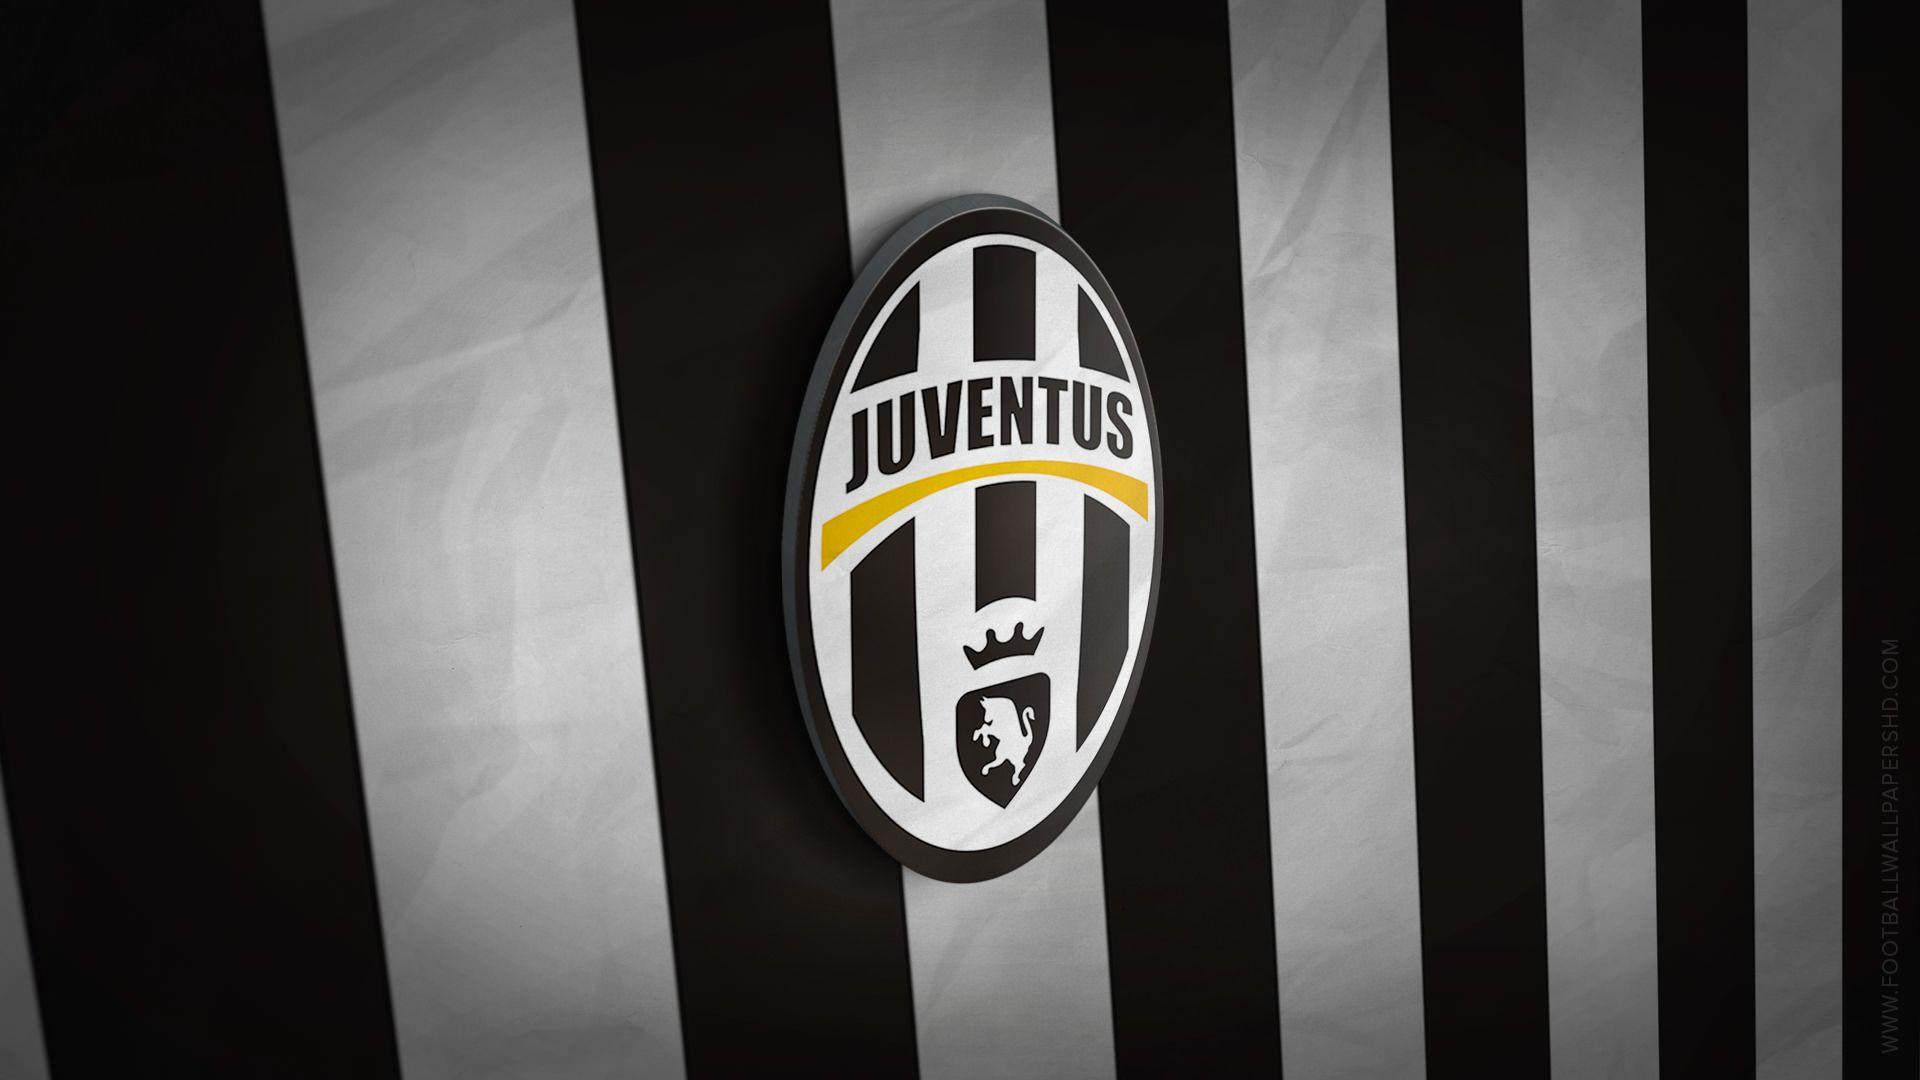 Juventus 3d Logo Wallpaper With Images Juventus Football